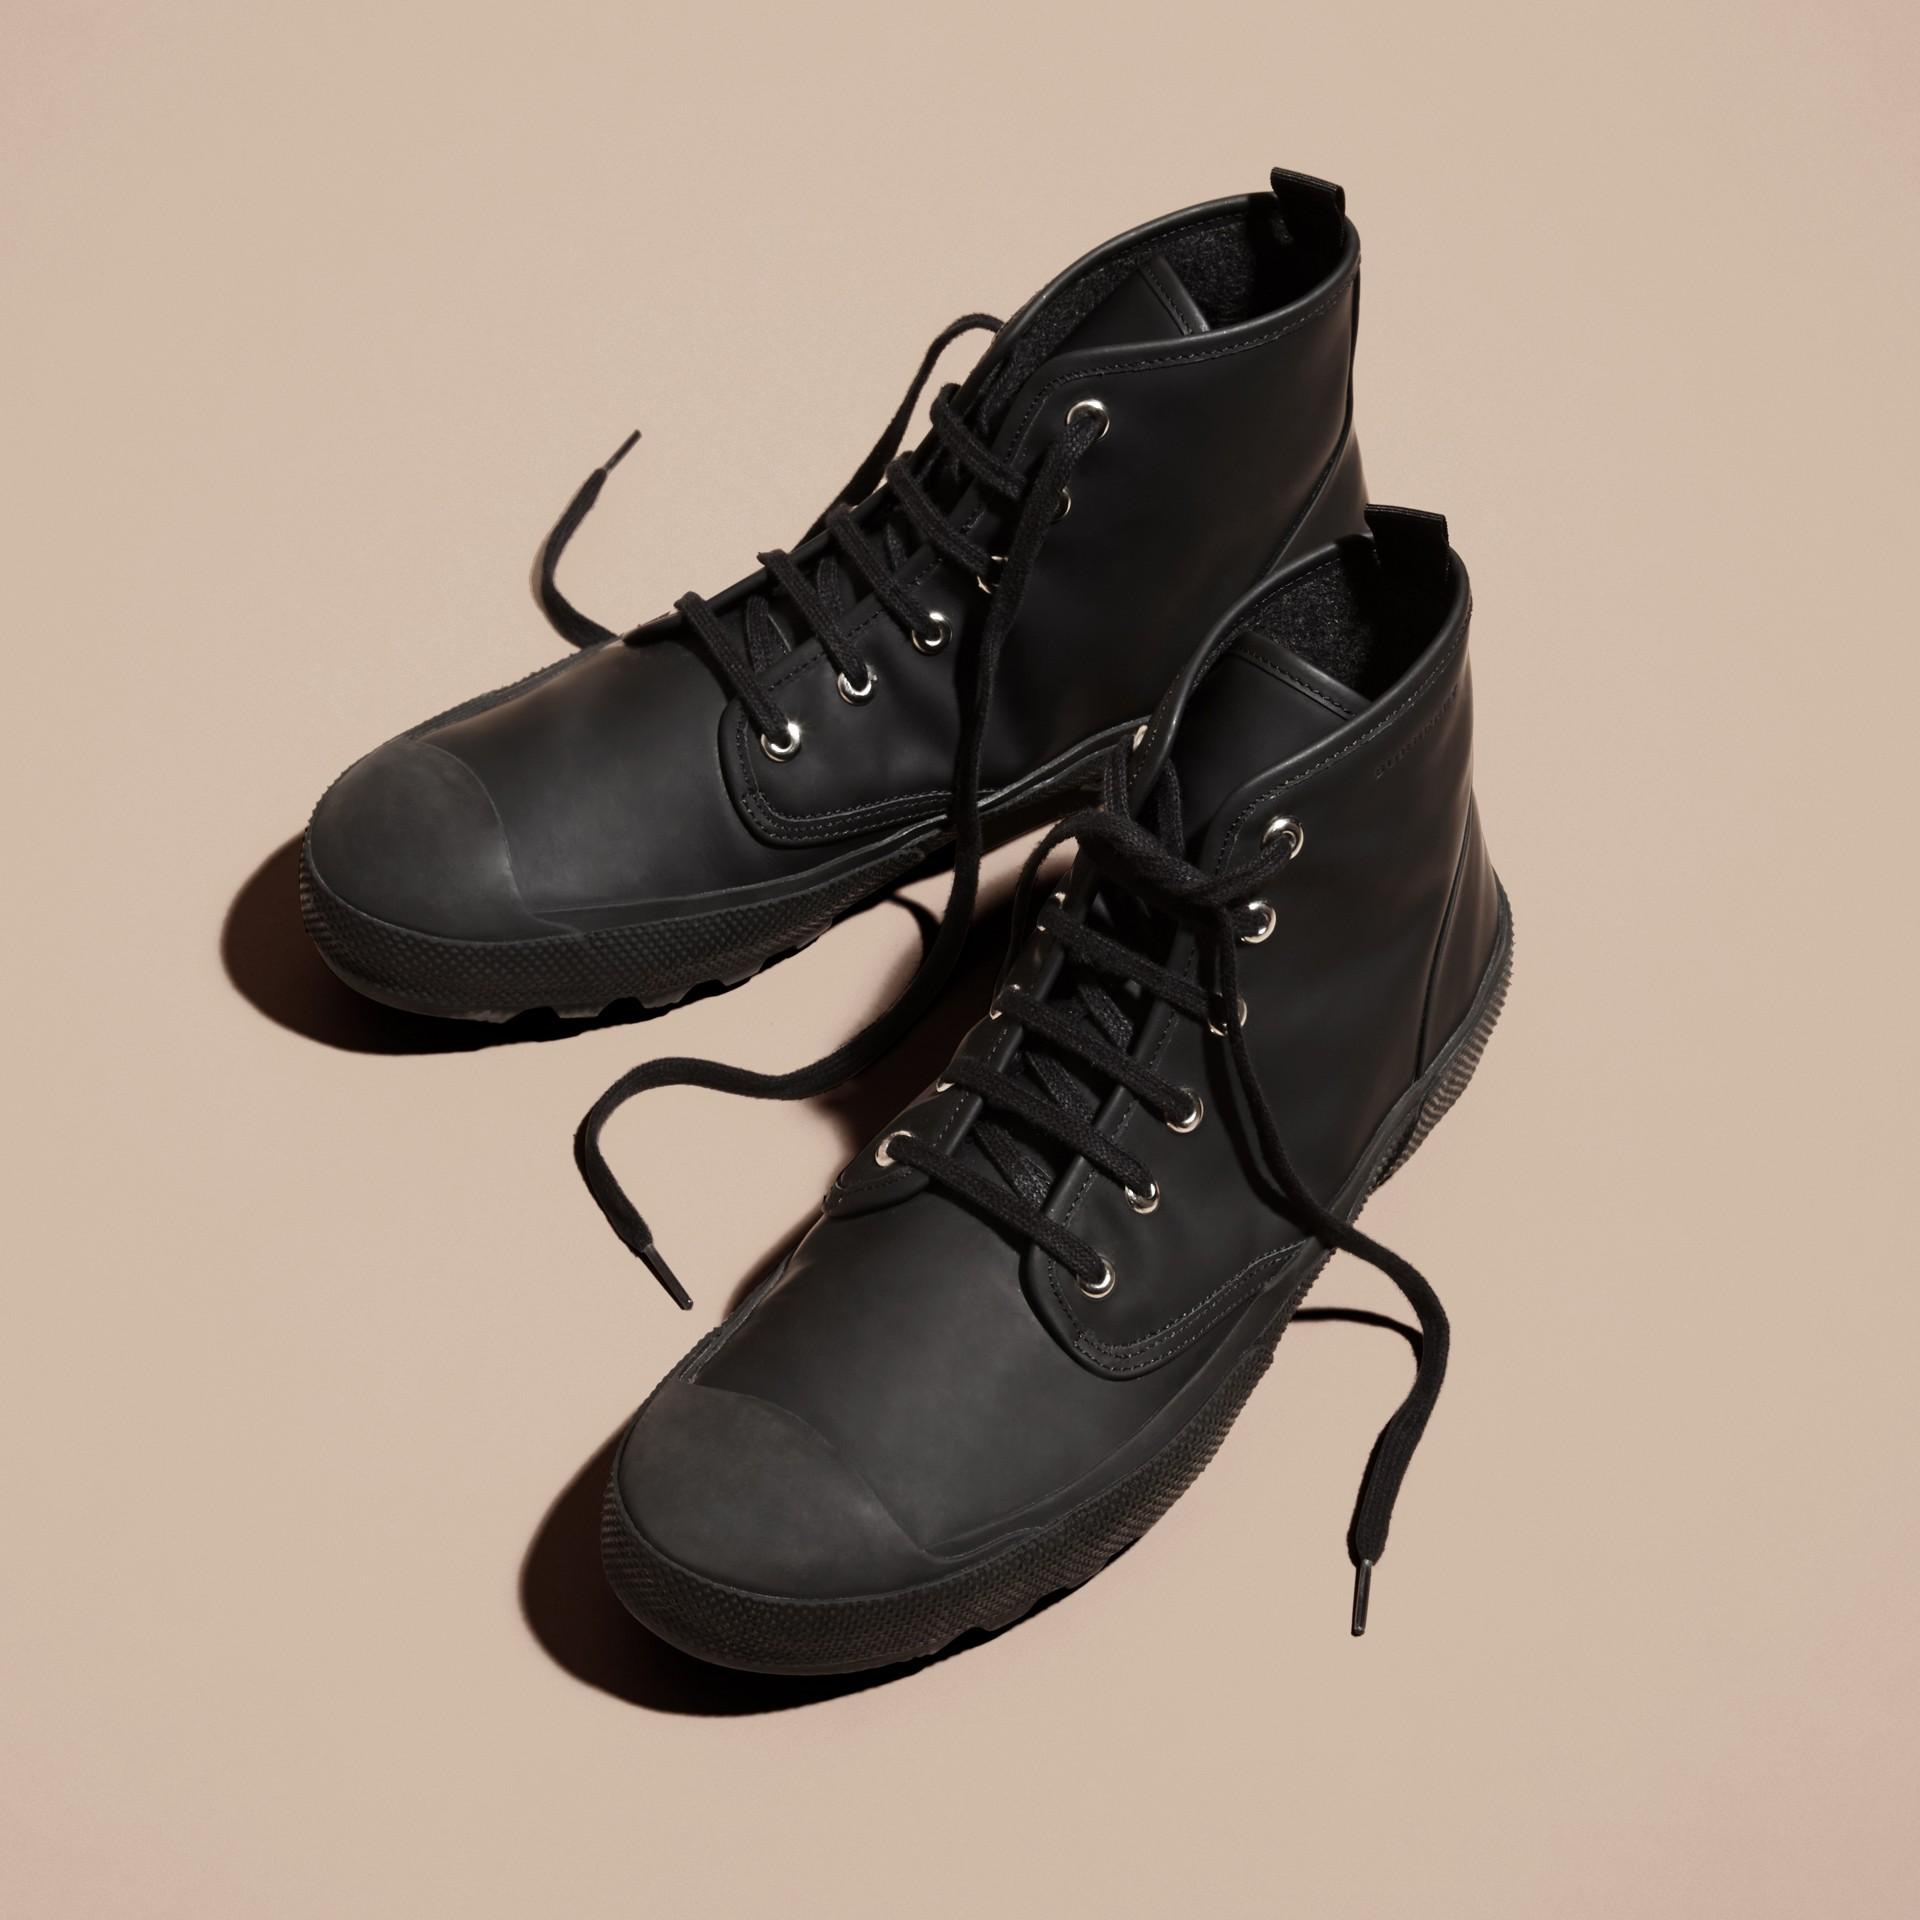 Nero Stivali con lacci in pelle gommata - immagine della galleria 4